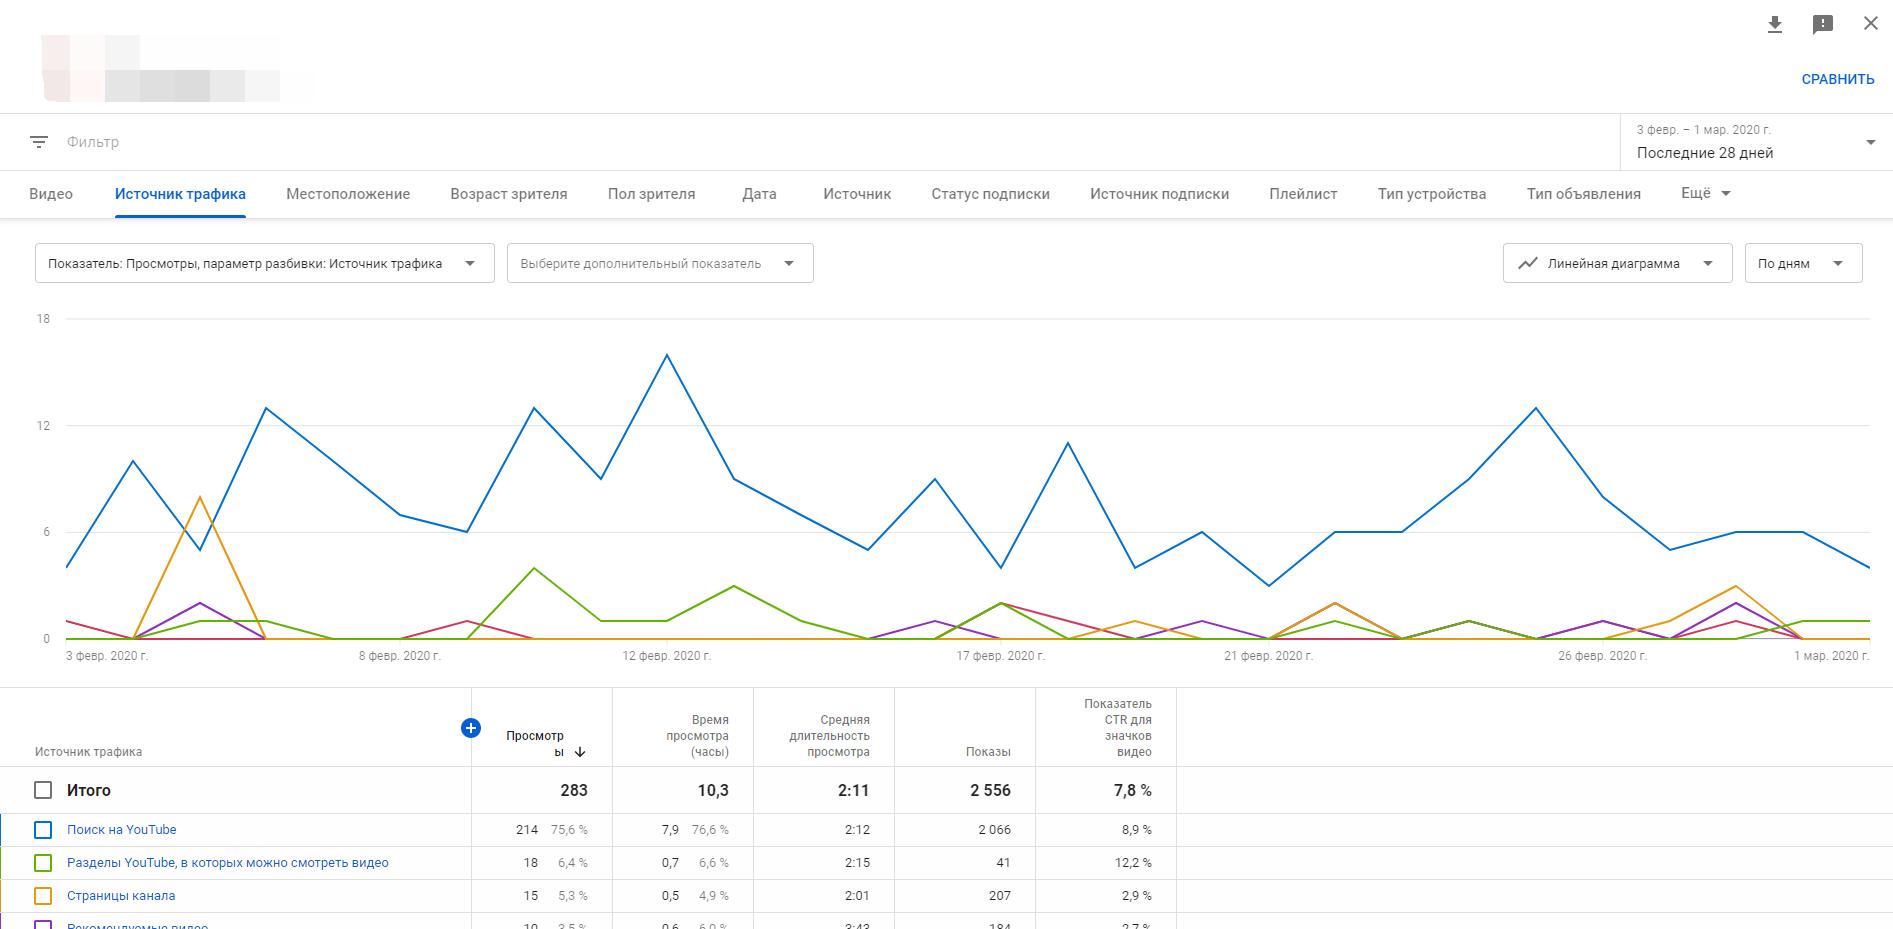 Статистика по каналам трафика на Ютубе